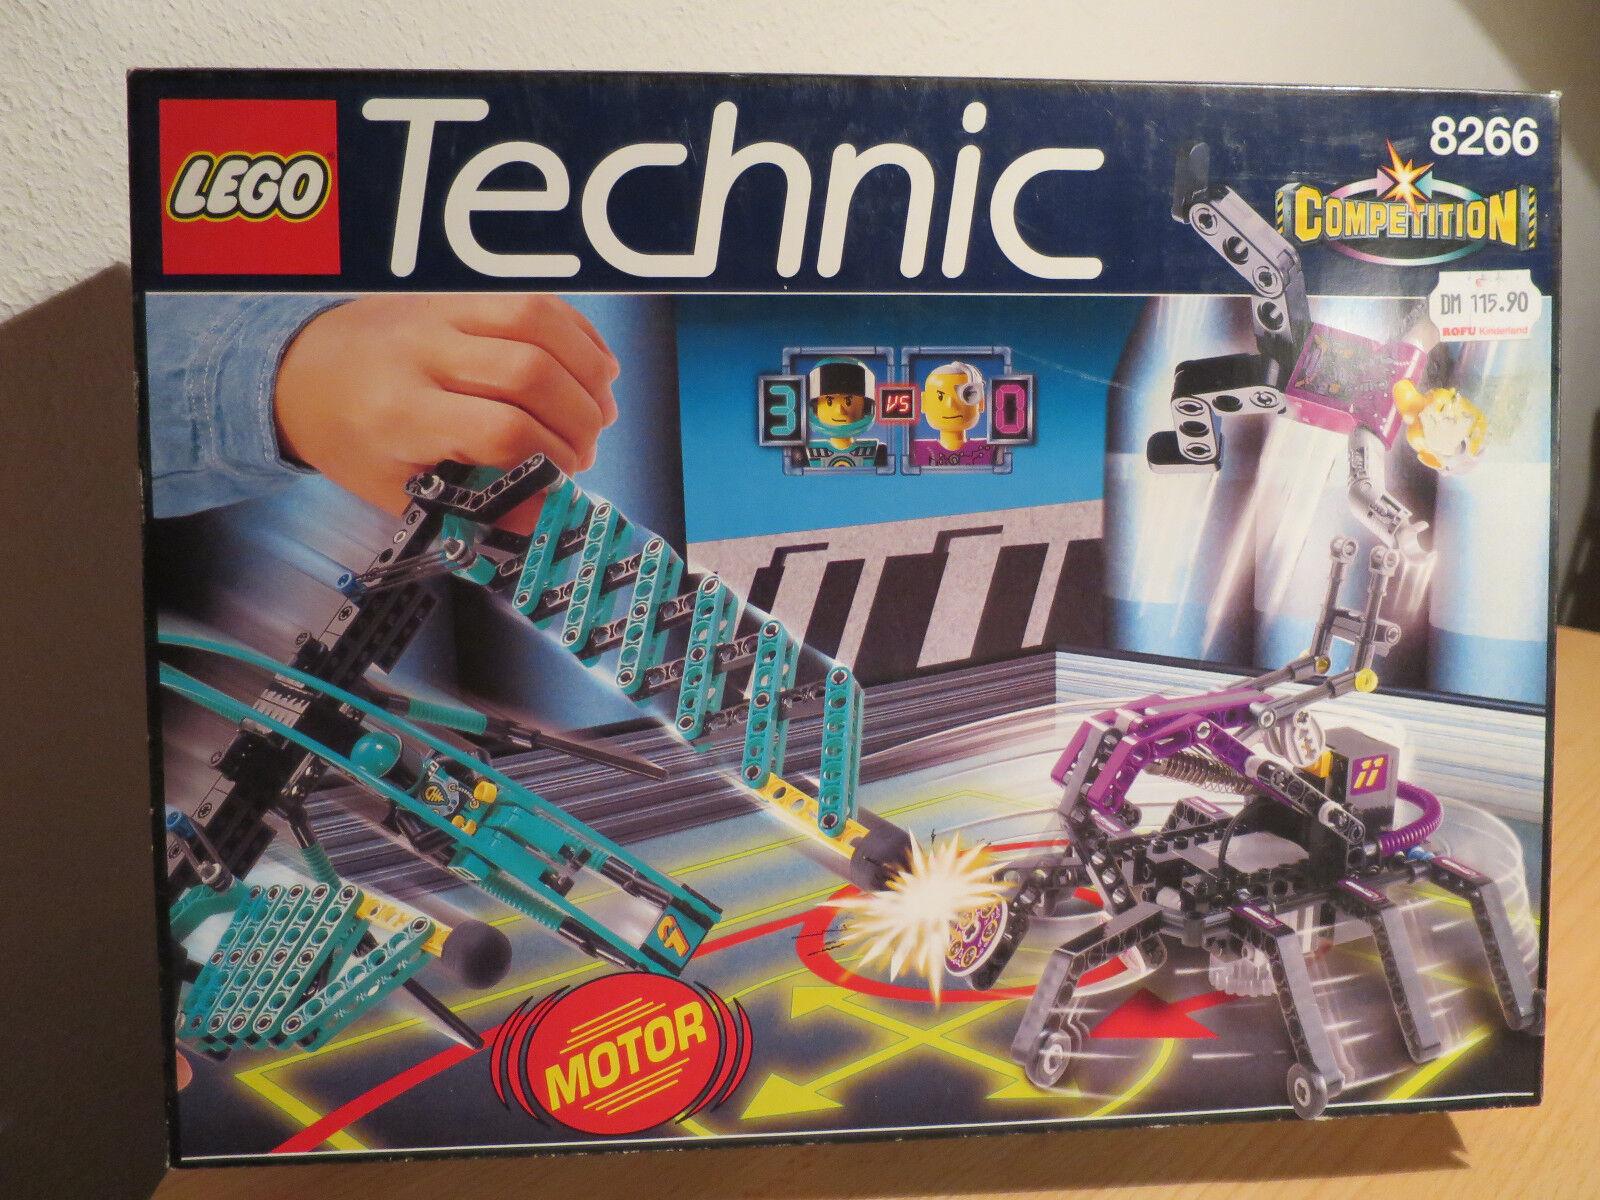 (TB) LEGO 8266 nuevo emb. orig. CON MOTOR PERFECTO ESTADO ORIGINAL